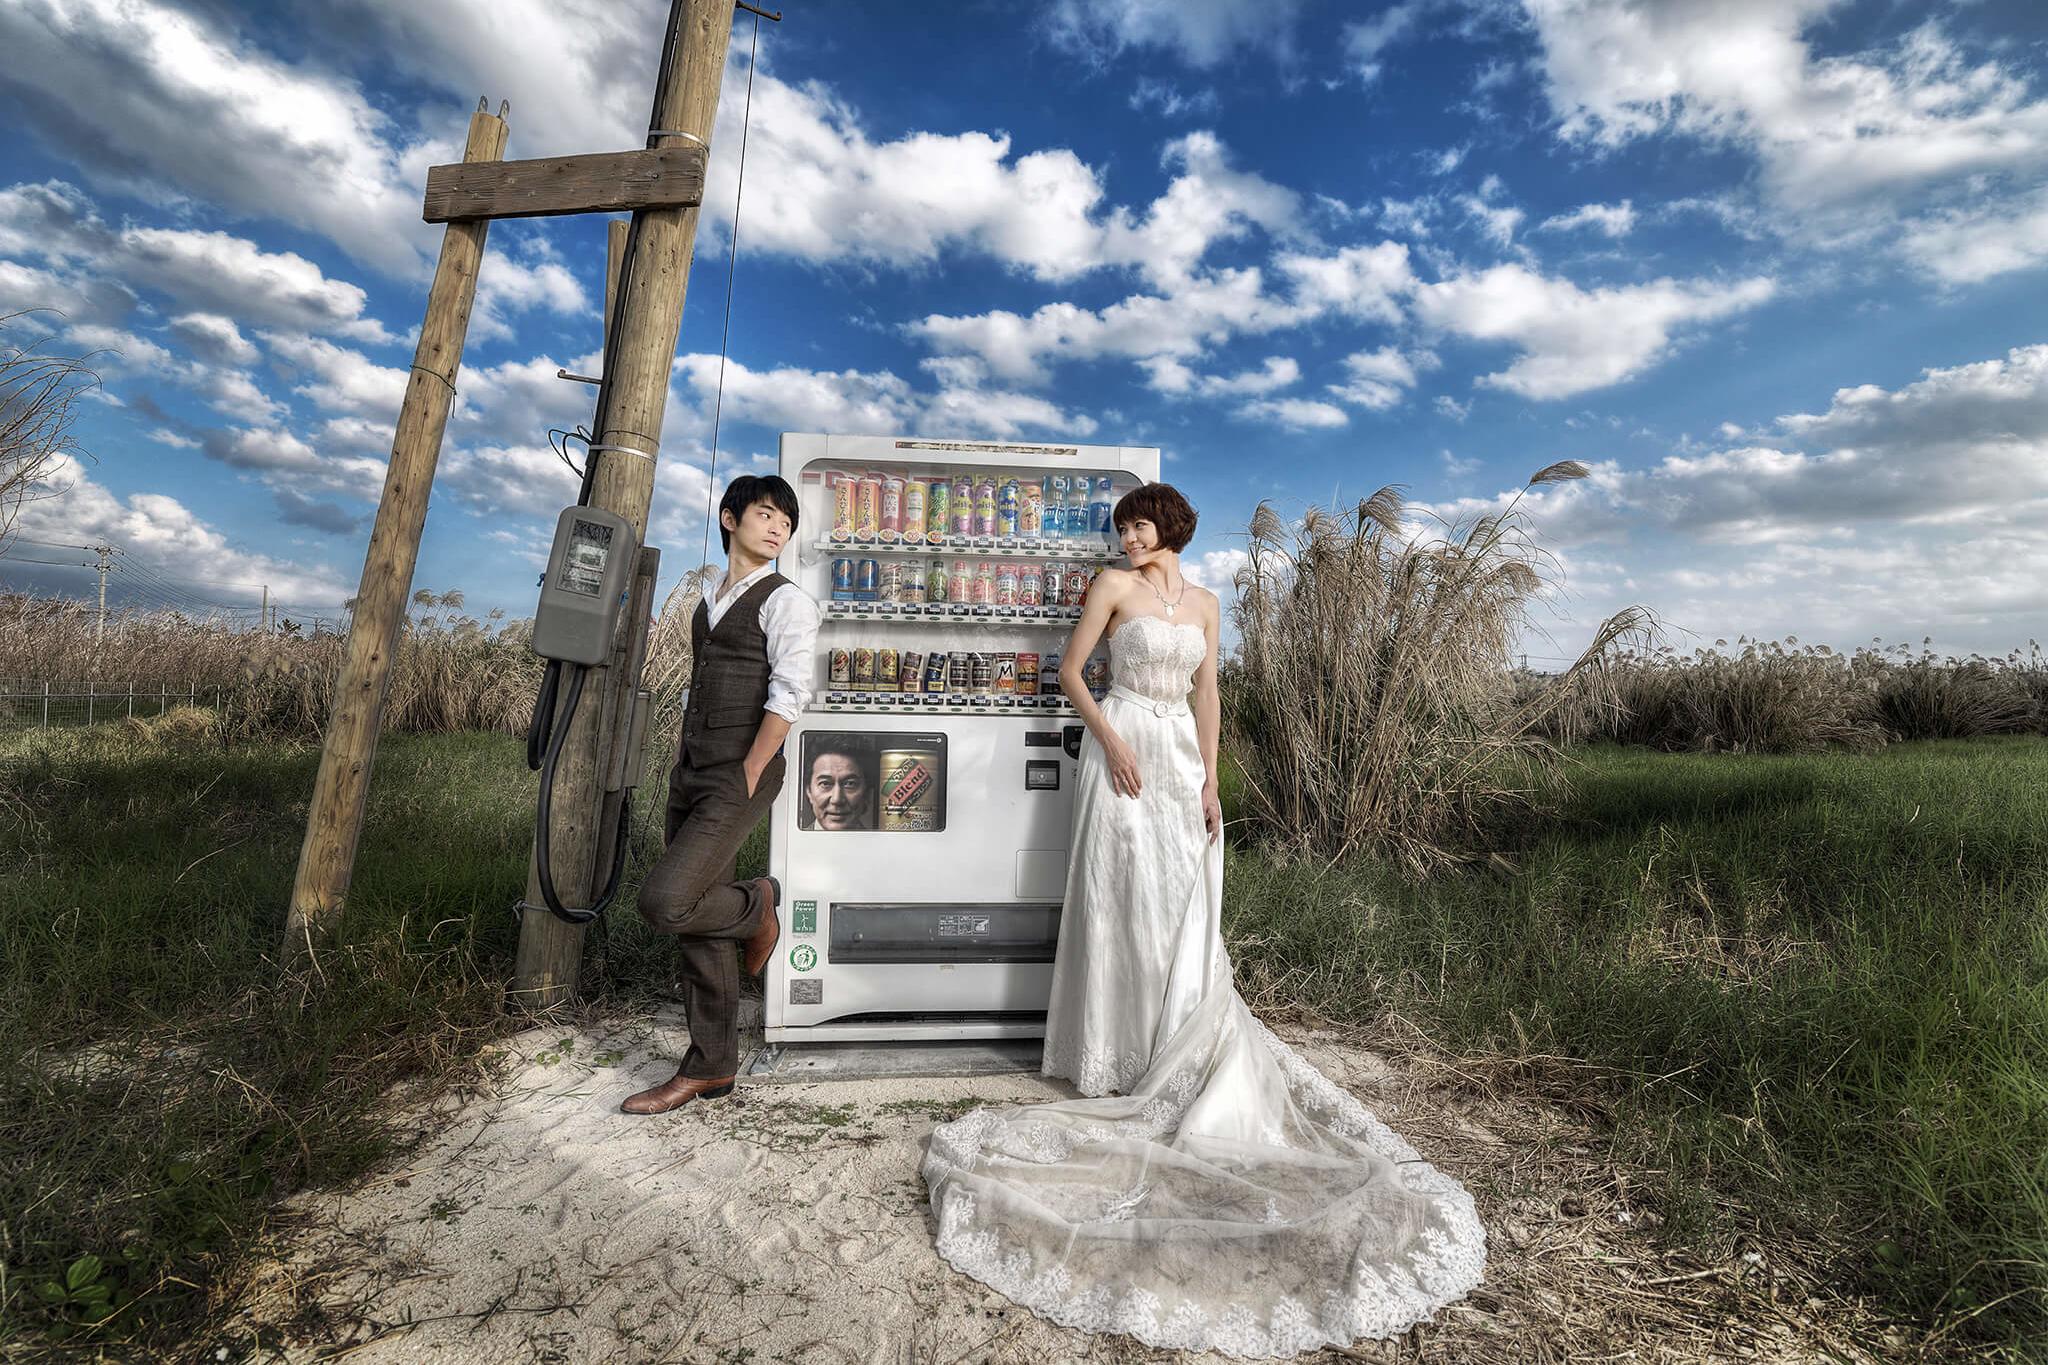 Donfer Photography | 台灣婚紗 | 海外婚紗 | 藝術婚紗 | 自主婚紗拍攝領導品牌 | 沖繩婚紗 | Okianwa